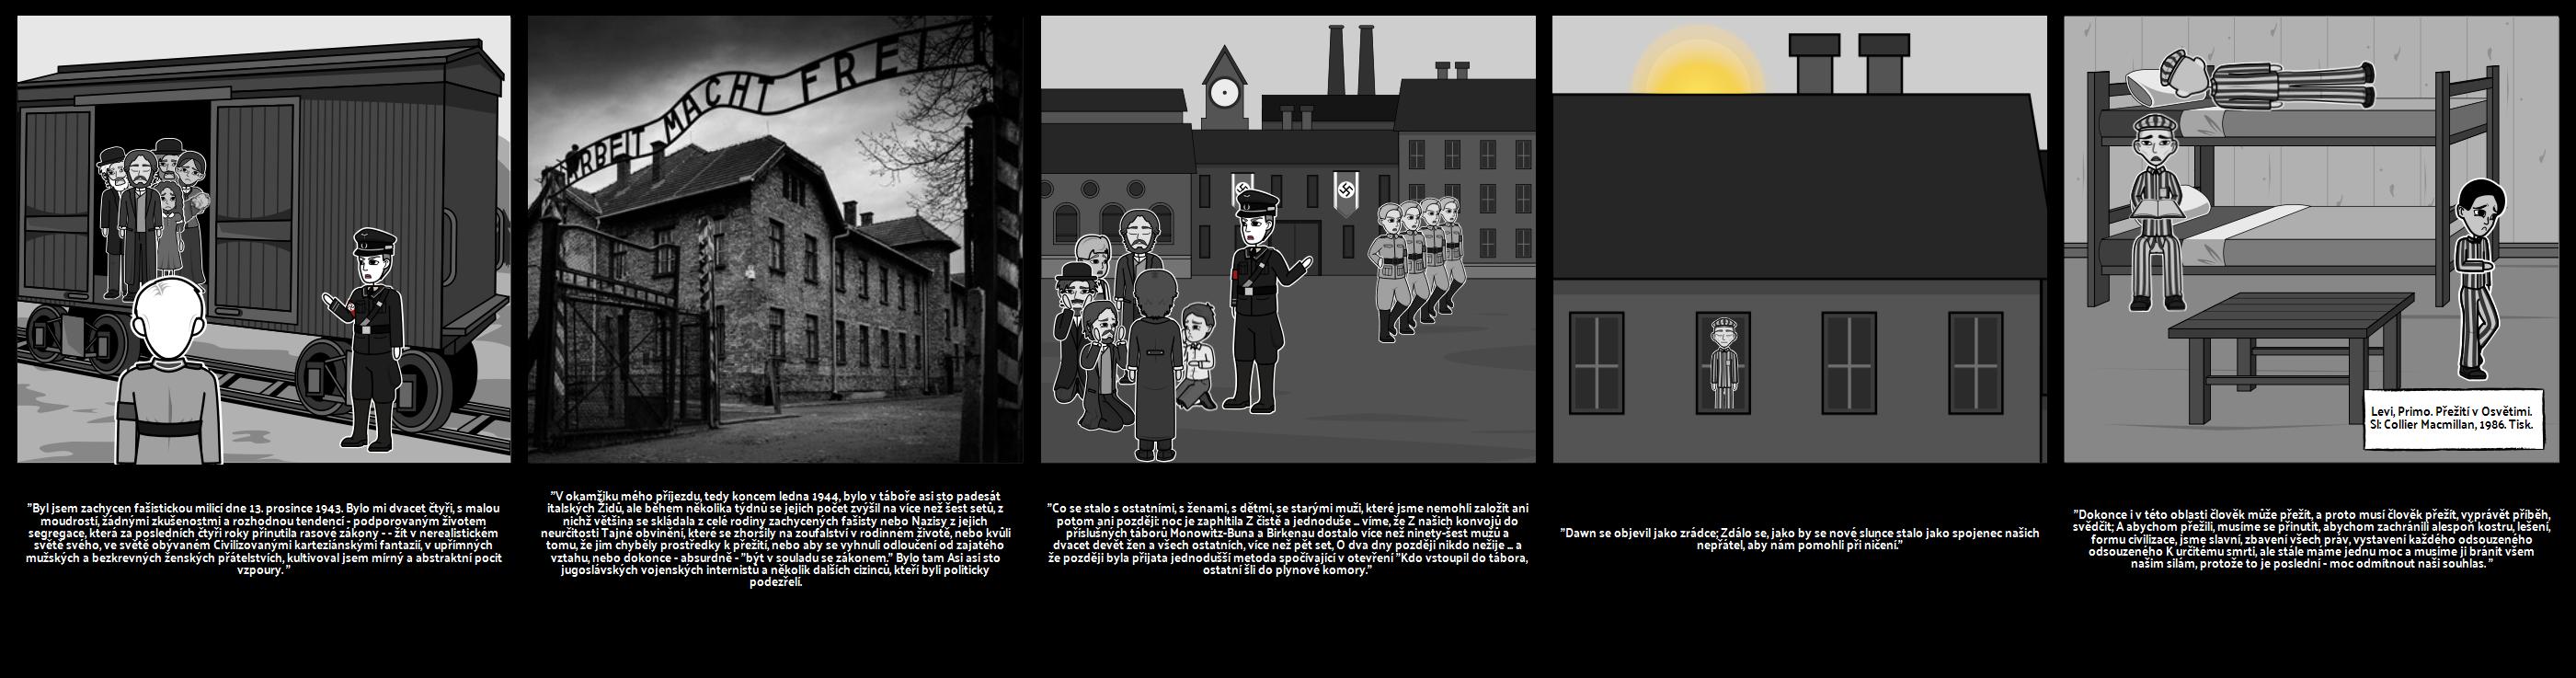 Dějiny Holocaustu - Obětí Holocaustu: Primo Levi